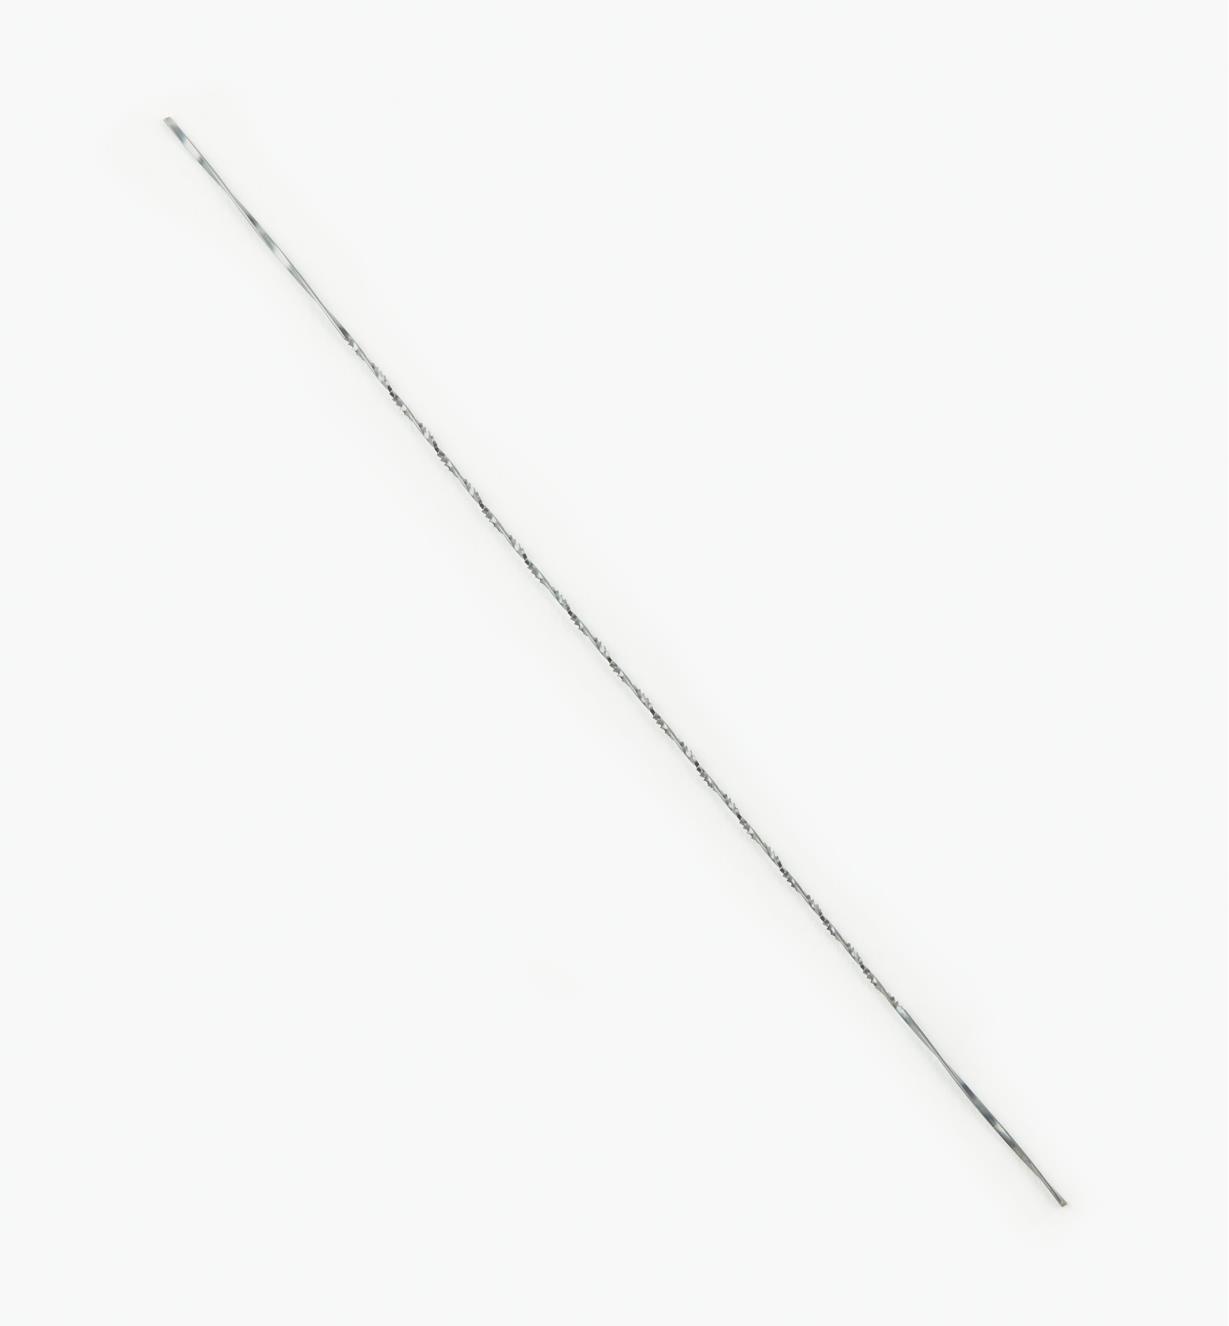 02T1610 - # 2/0 Spiral Blades, dozen